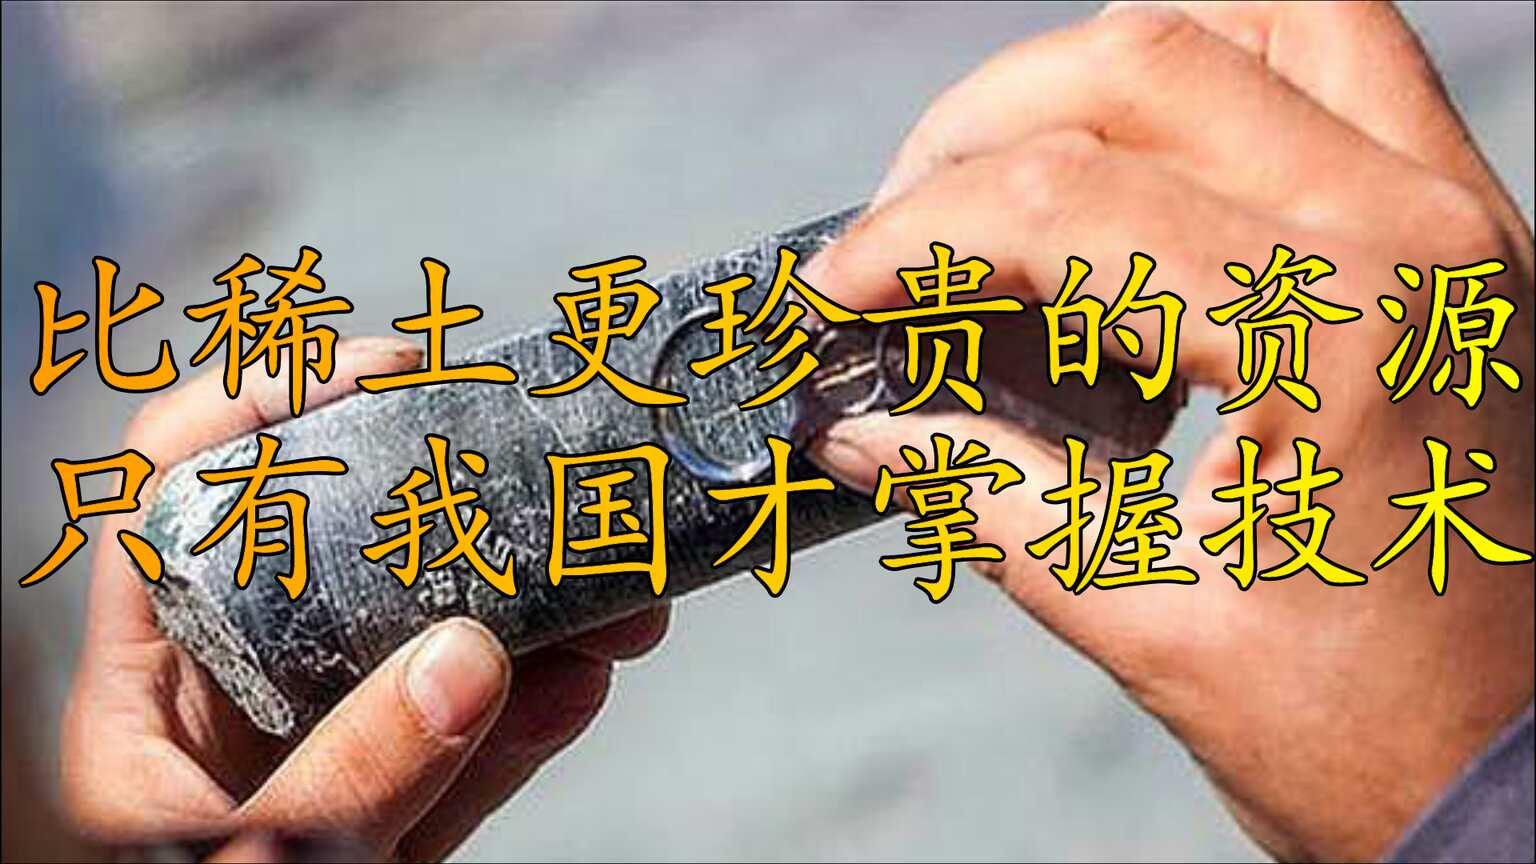 比稀土更珍贵的资源-稀土磁铁,这才是我国真正的杀手锏